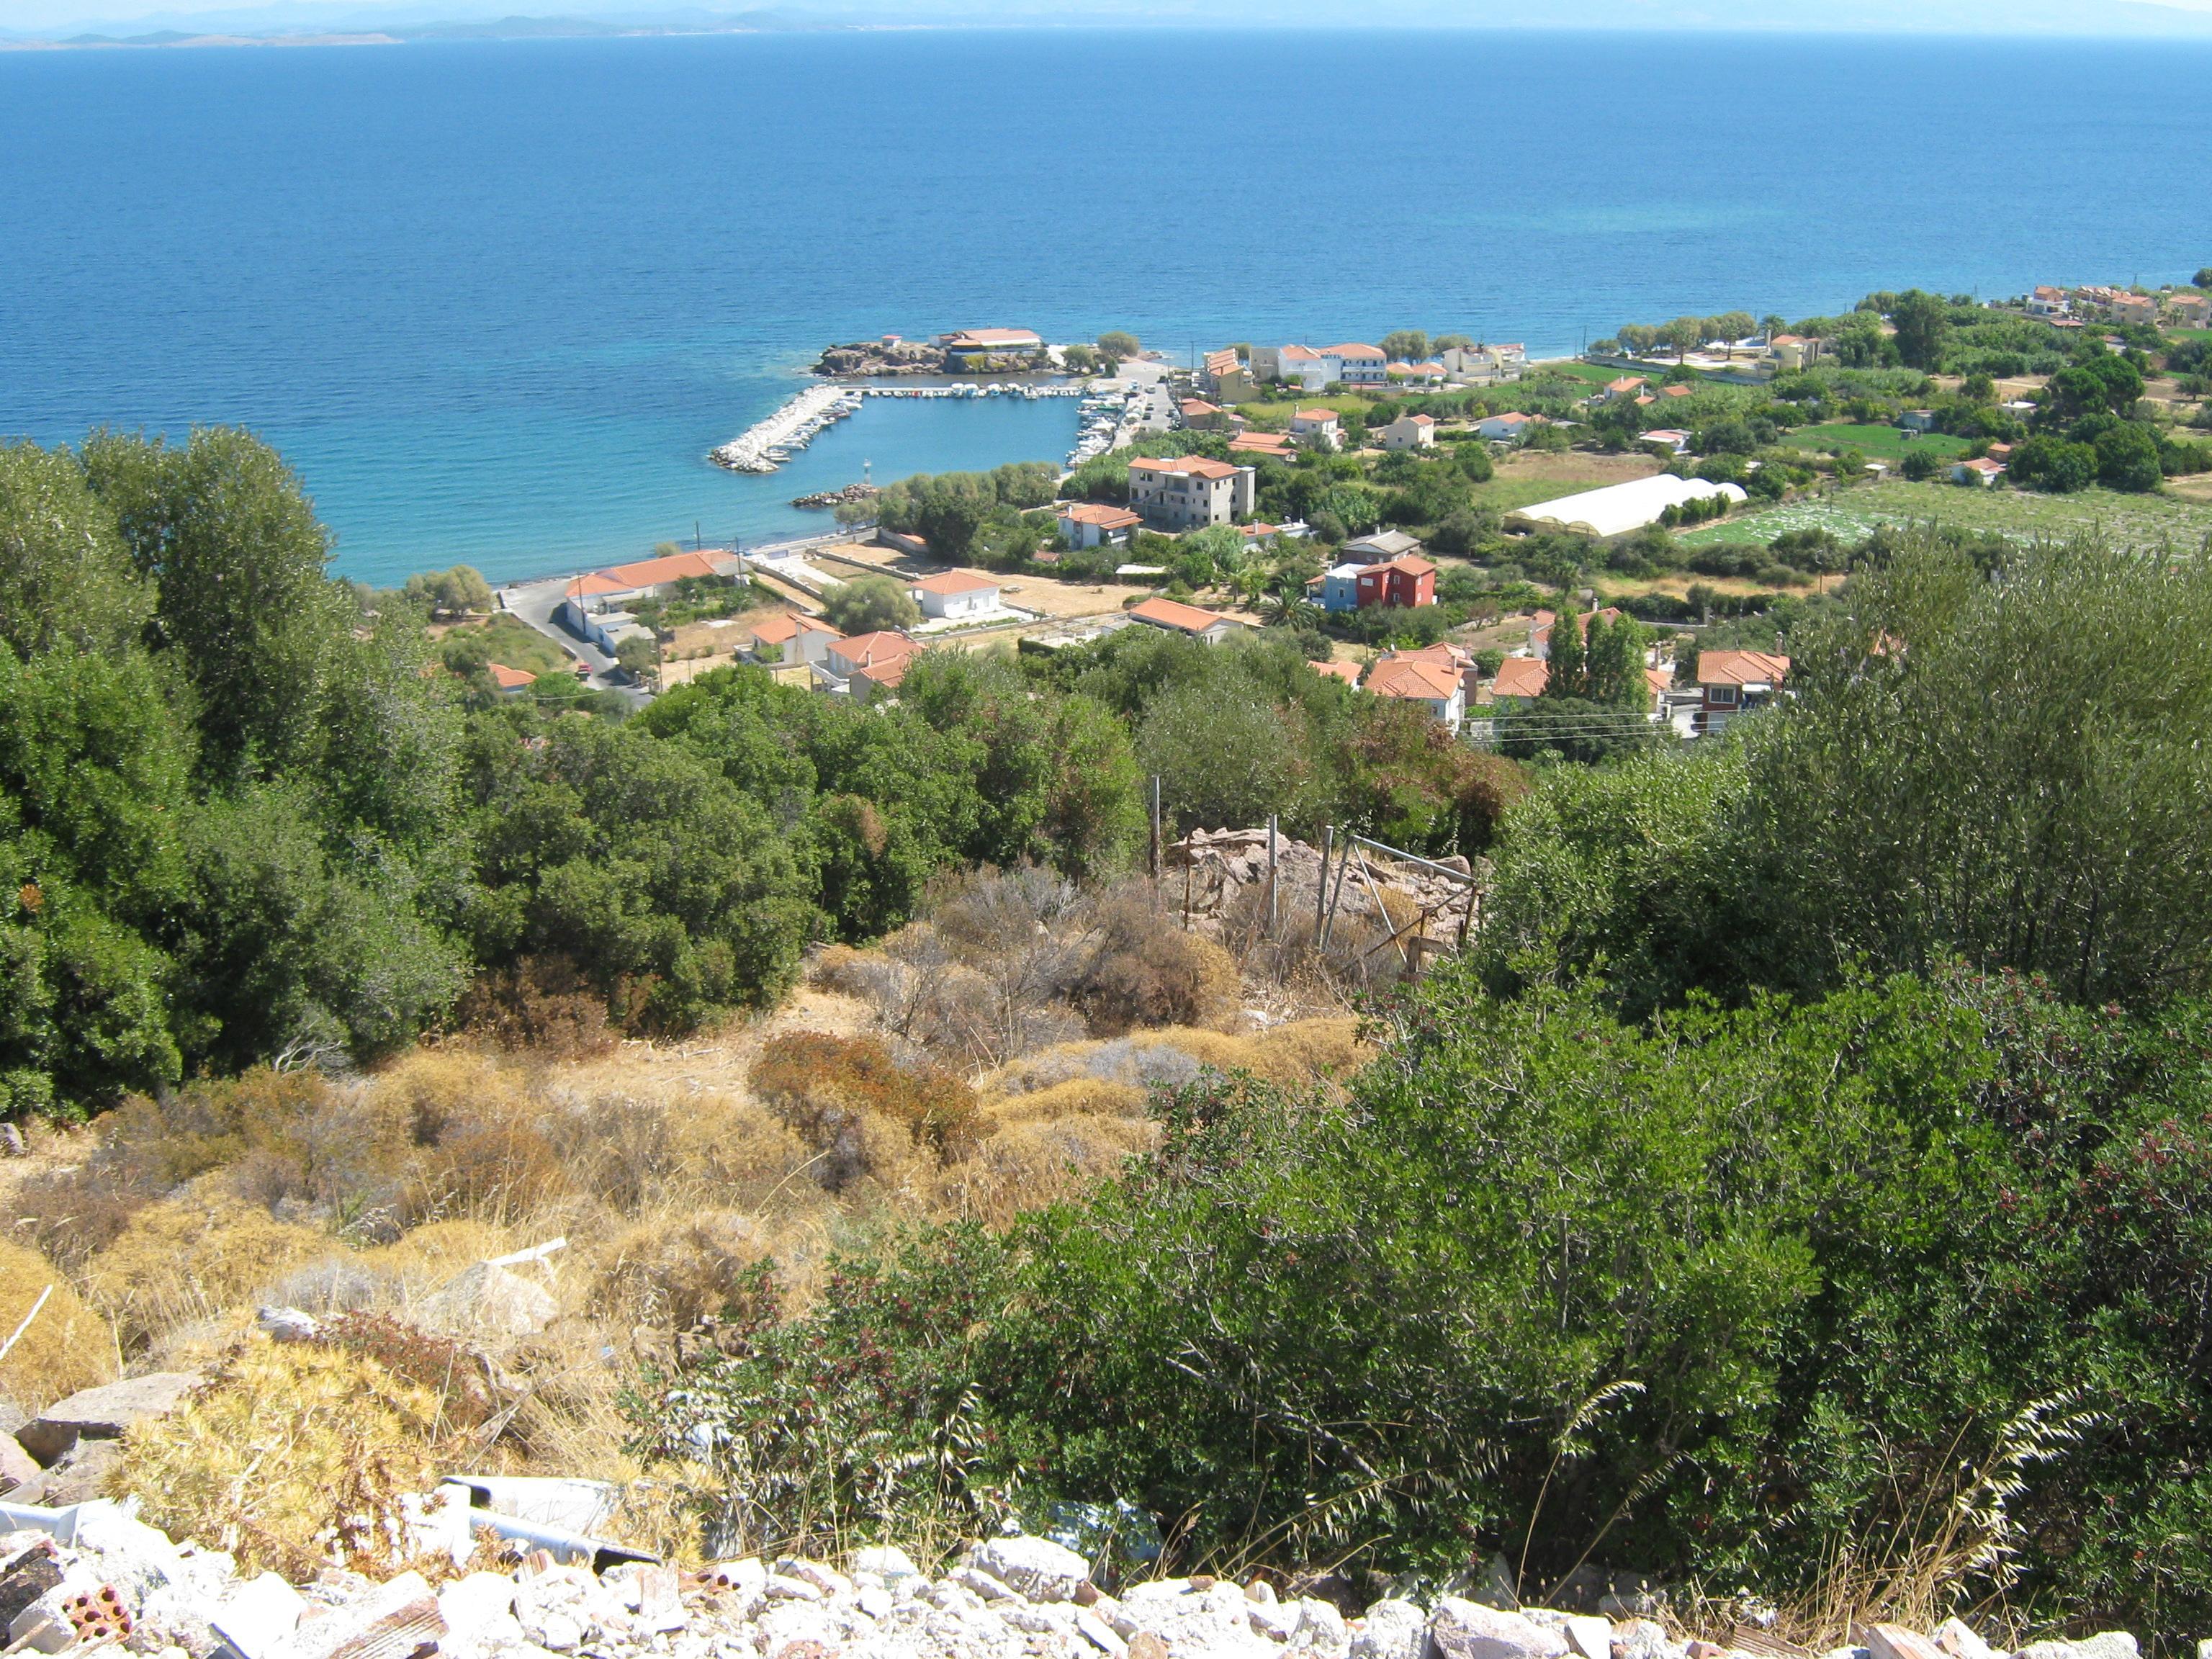 Grundstück am Meer 1000 qm erschlossen